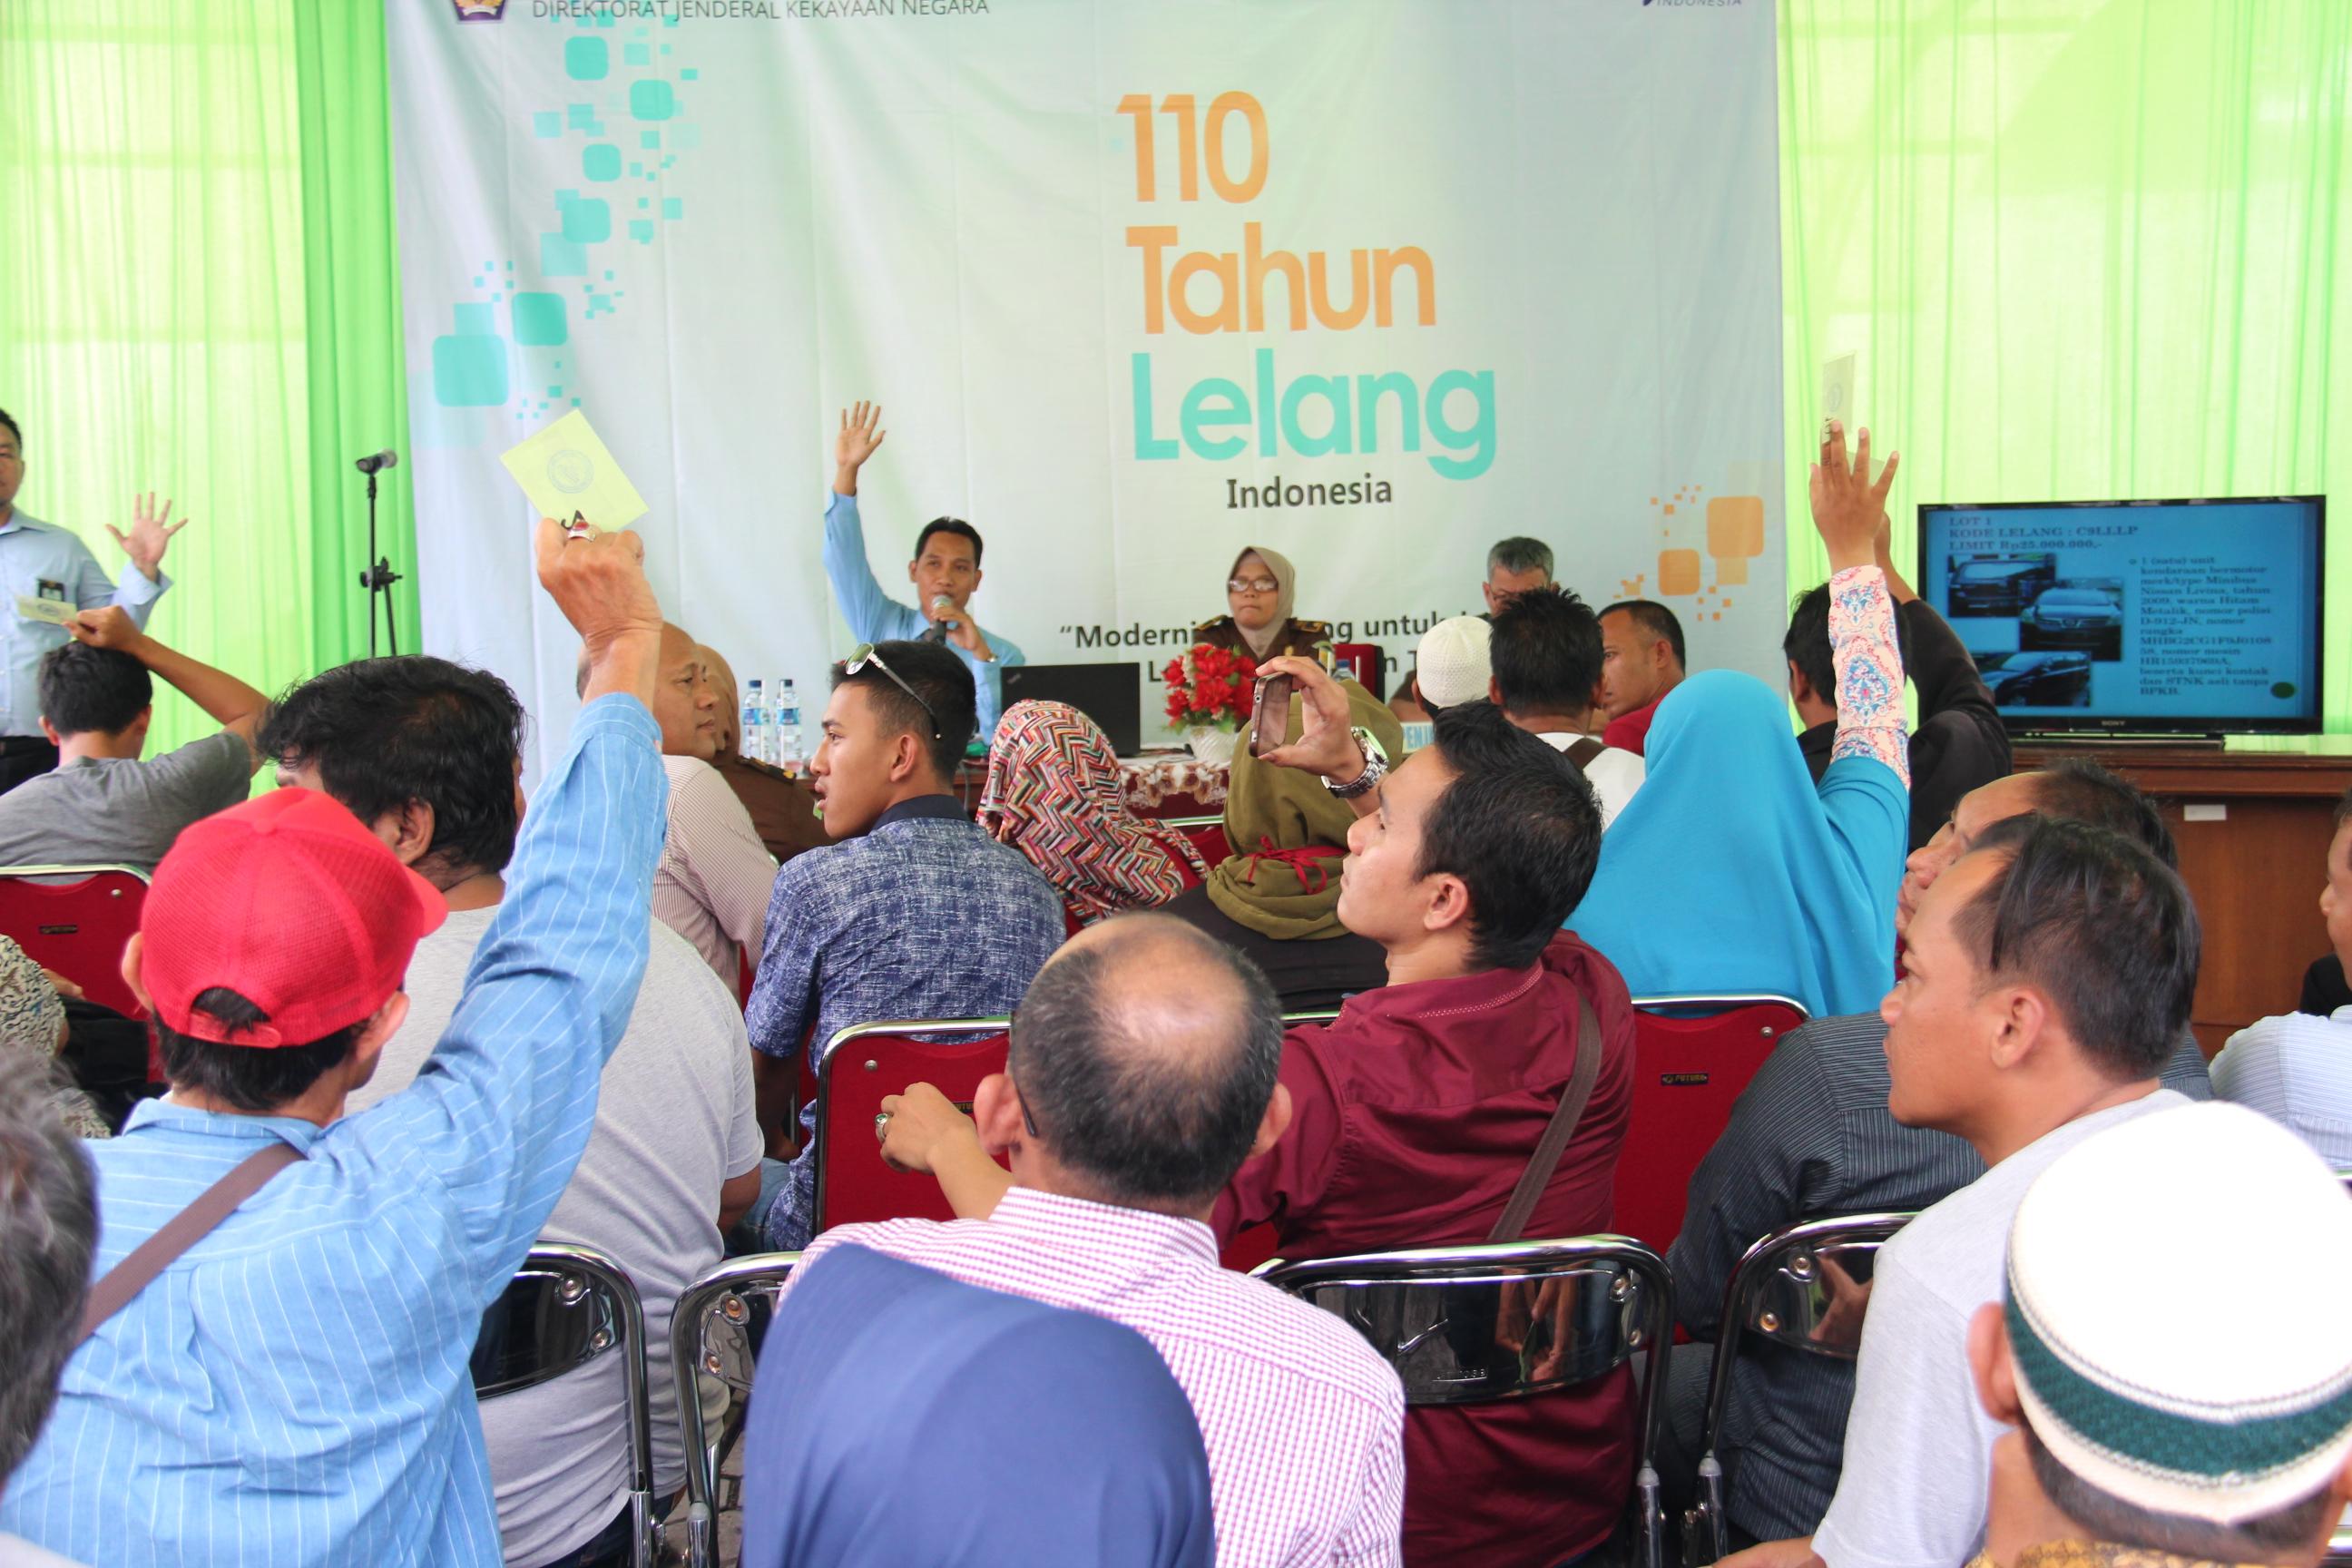 Peringati 110 Tahun Lelang di Indonesia, KPKNL Tegal Gelar Parade Lelang